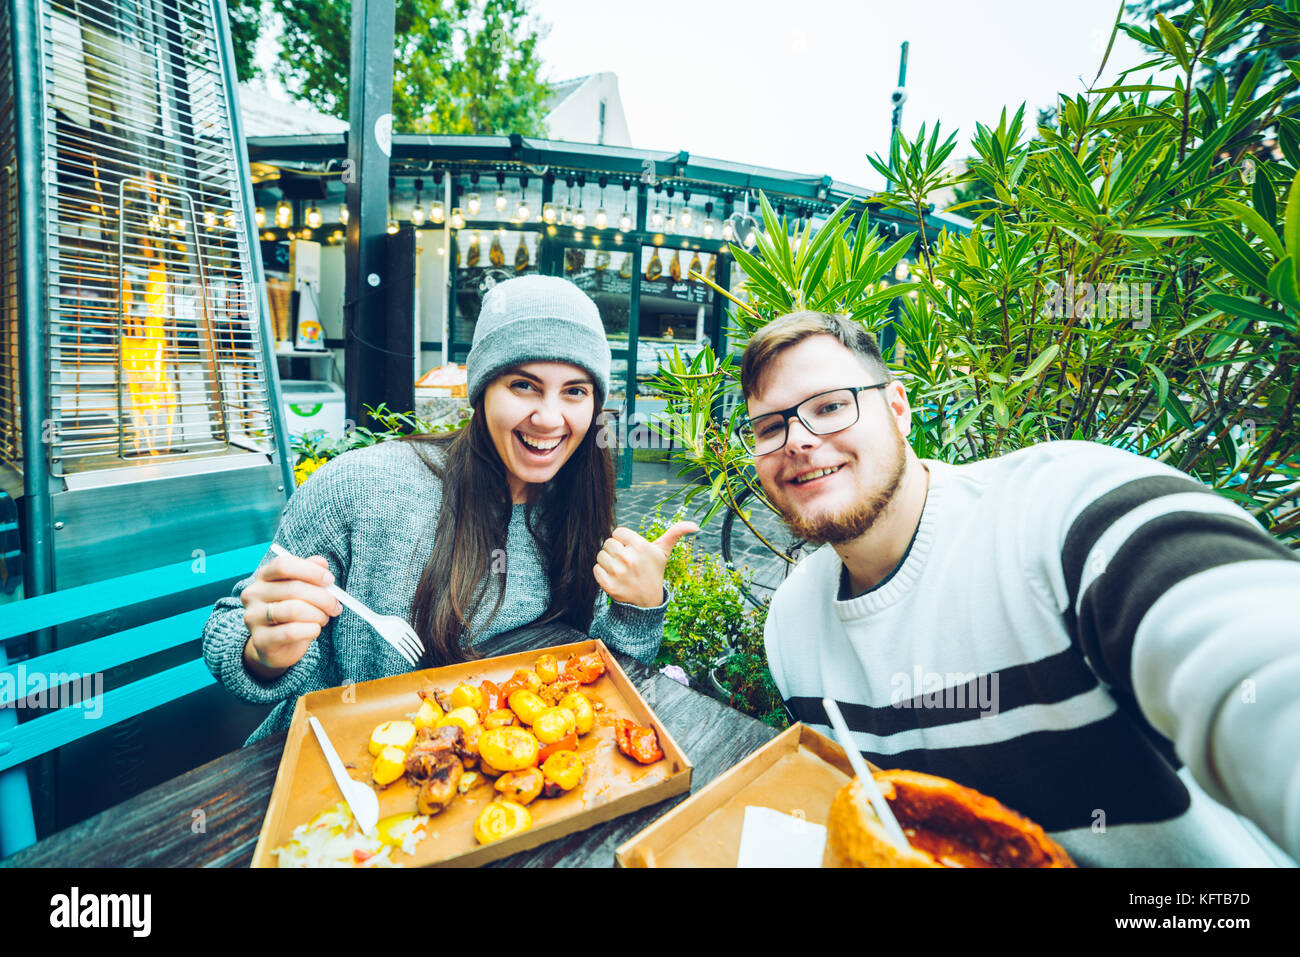 Paar Essen im Cafe außerhalb Stockbild